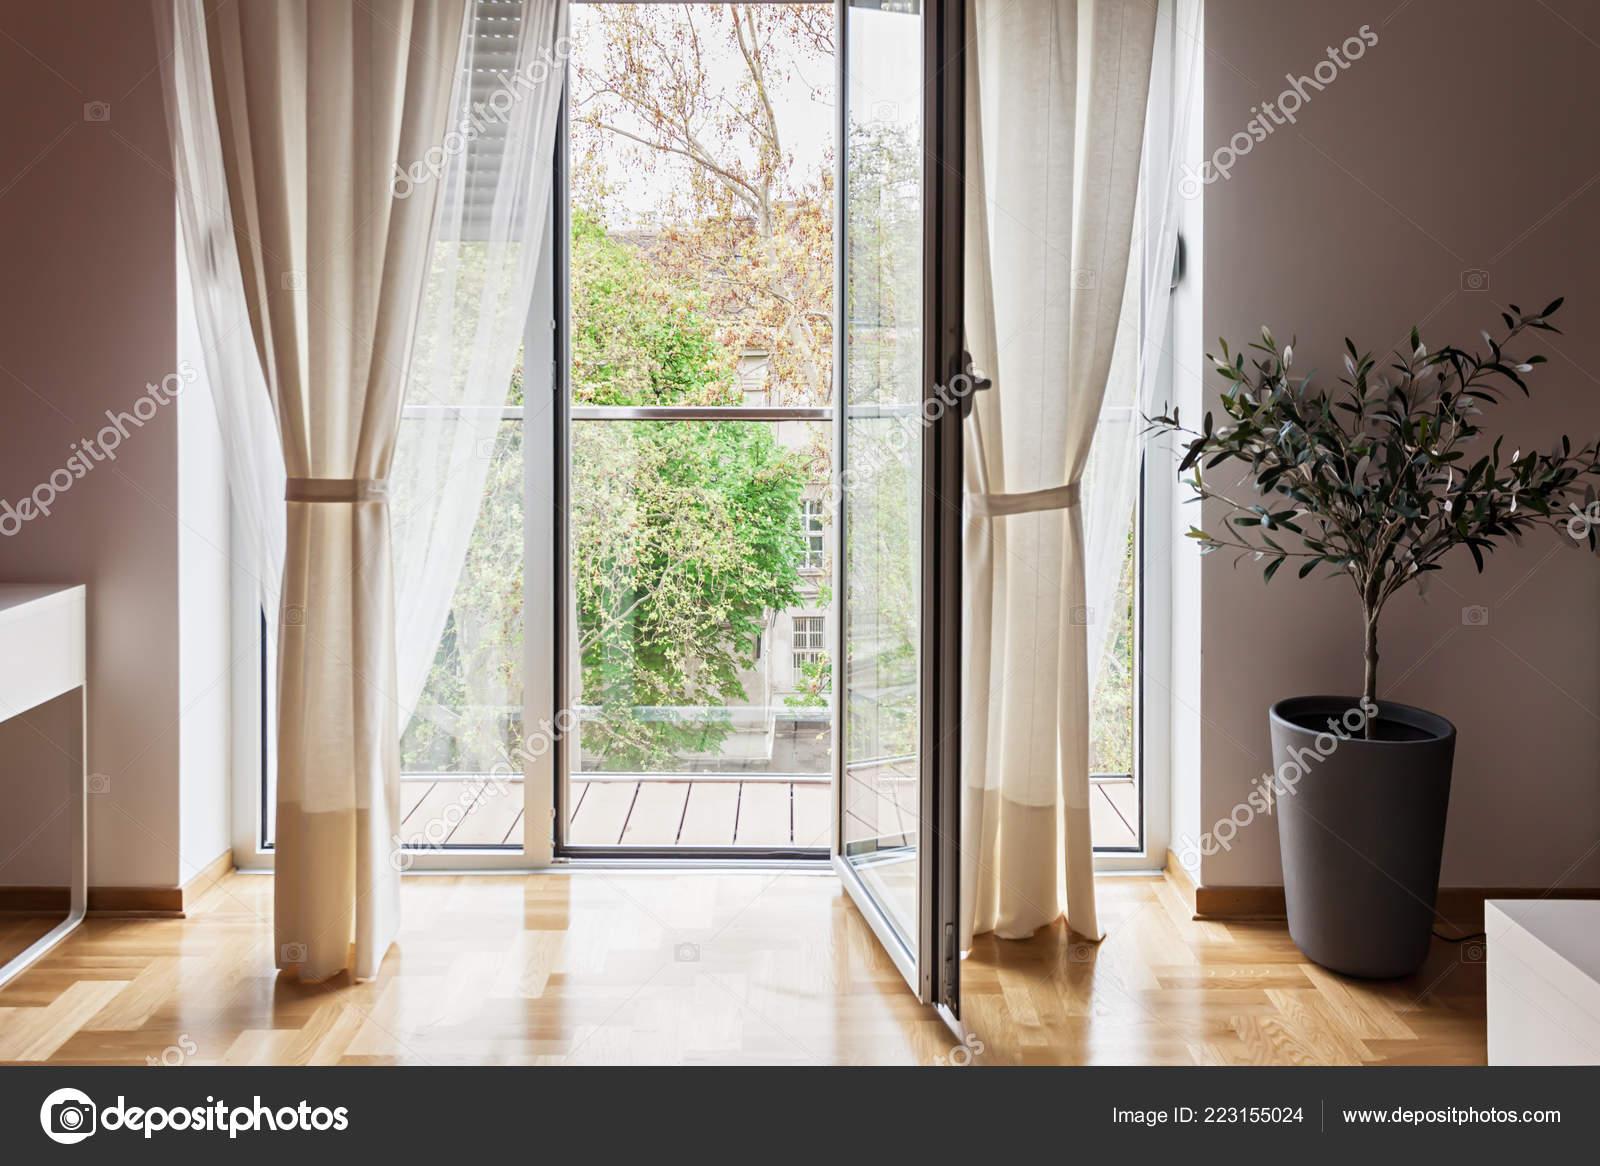 Appartement Moderne Vue Par Porte De Terrasse Ouverte Photographie